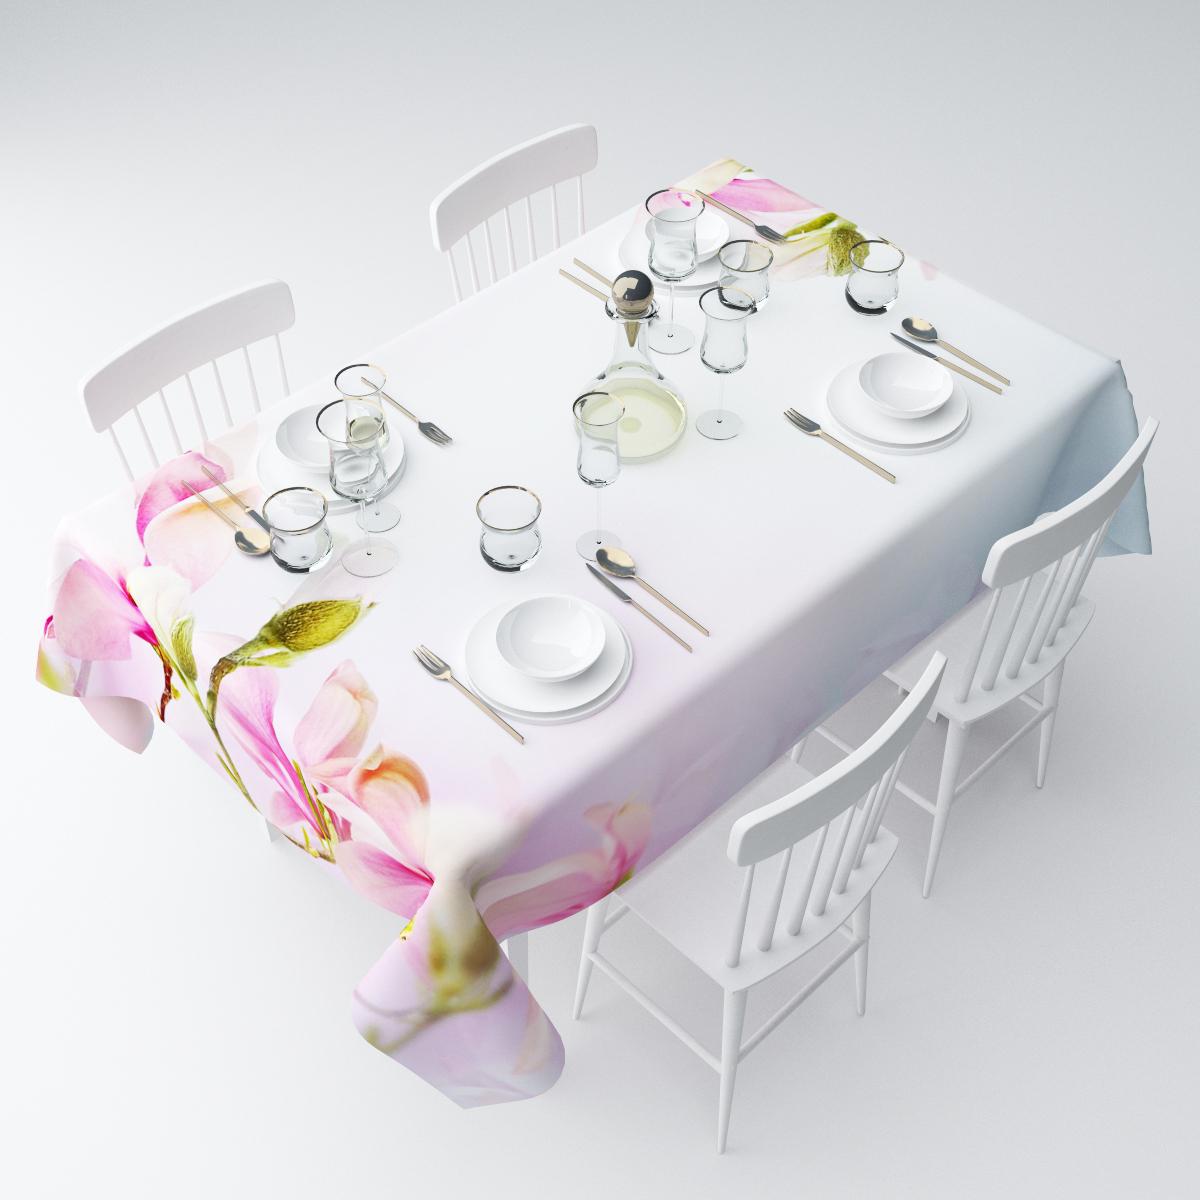 Скатерть Сирень Розовые бутоны, прямоугольная, 145 х 220 смСКГБ004-03482Прямоугольная скатерть Сирень Розовые бутоны, выполненная из габардина с ярким рисунком, преобразит вашу кухню, визуально расширит пространство, создаст атмосферу радости и комфорта. Рекомендации по уходу: стирка при 30 градусах, гладить при температуре до 110 градусов.Размер скатерти: 145 х 220 см. Изображение может немного отличаться от реального.